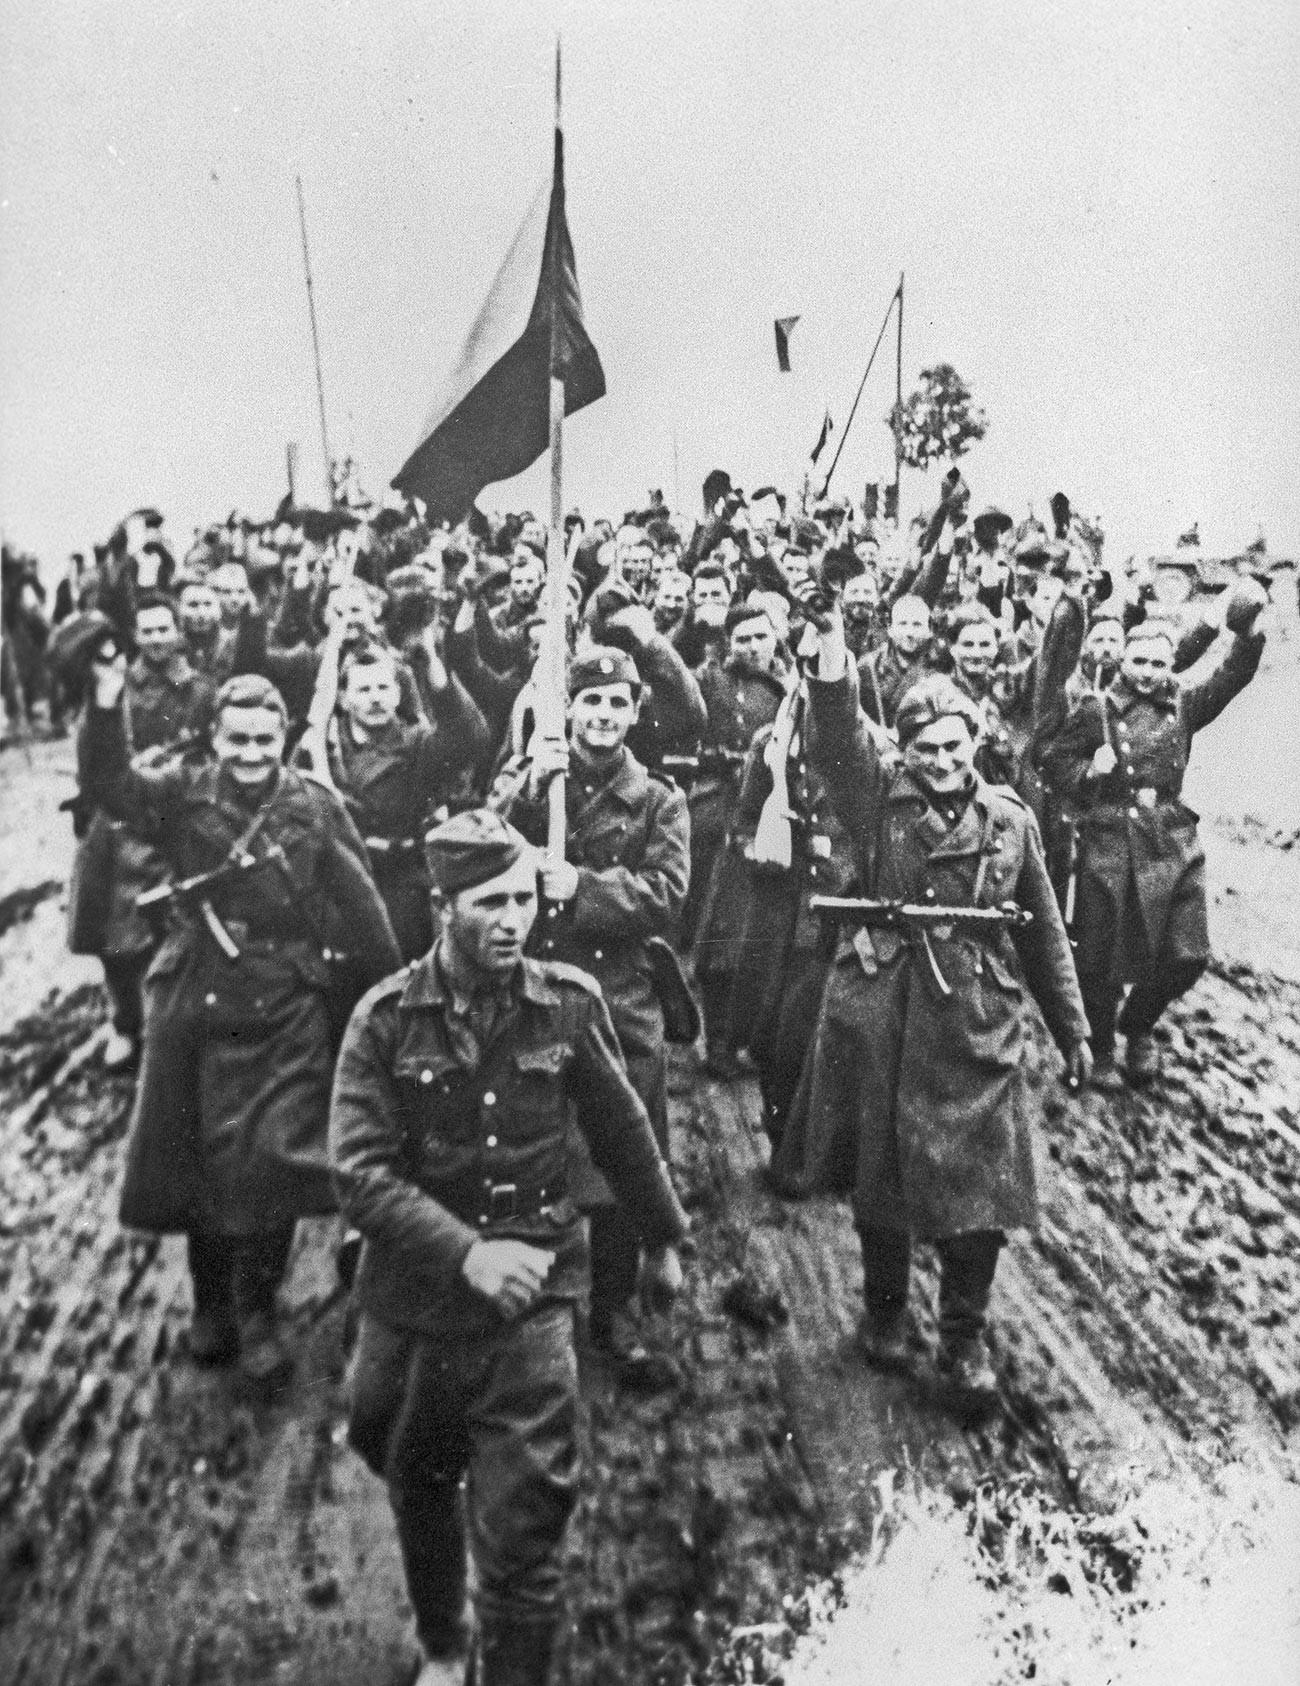 Veliki domovinski rat 1941.-1945. Vojnici Prvog čehoslovačkog armijskog korupsa./Iz arhiva Središnjeg muzeja oružanih snaga SSSR-a.